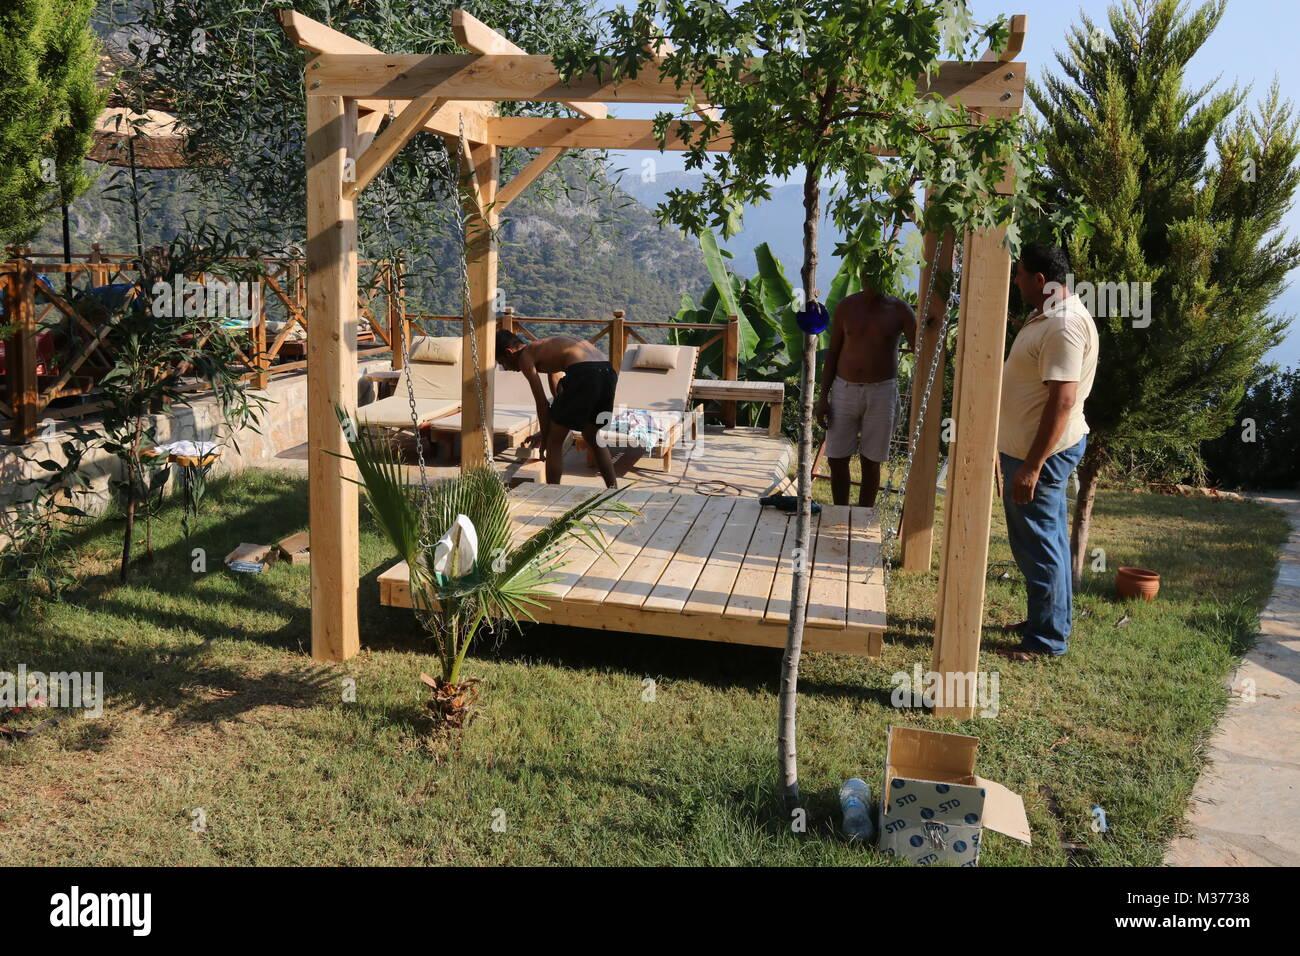 Wood Resort Seat Seating Stock Photos & Wood Resort Seat Seating ...